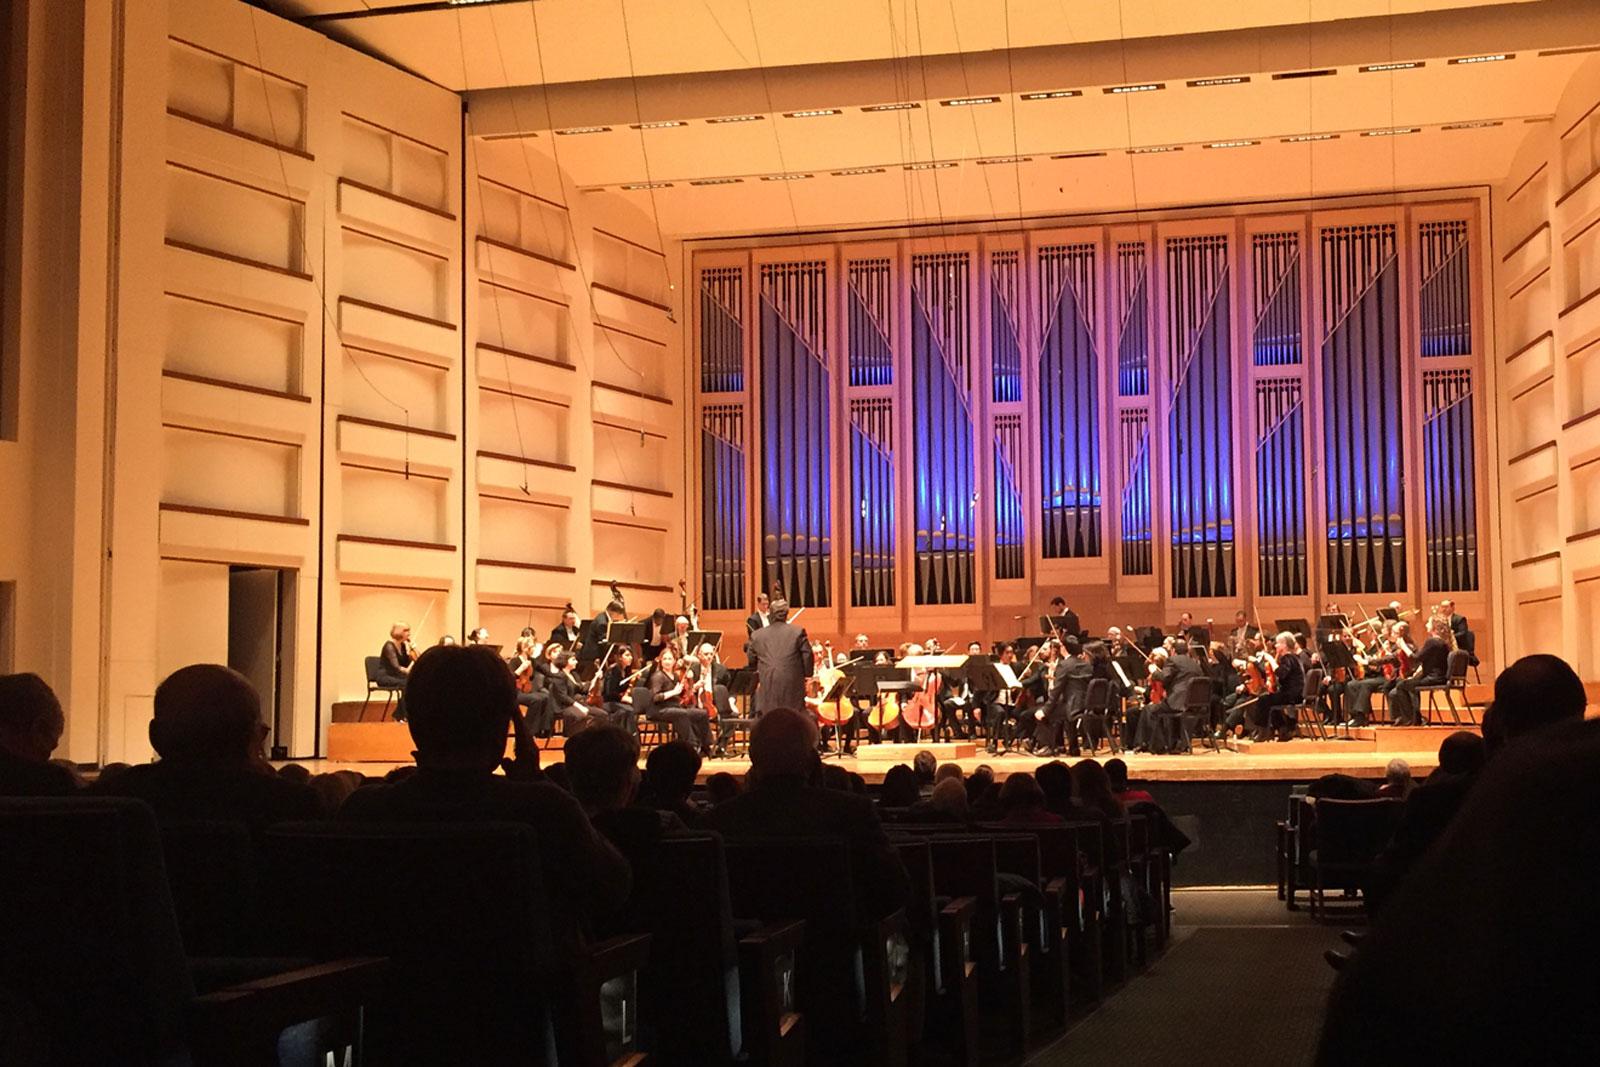 The Charlotte Symphony